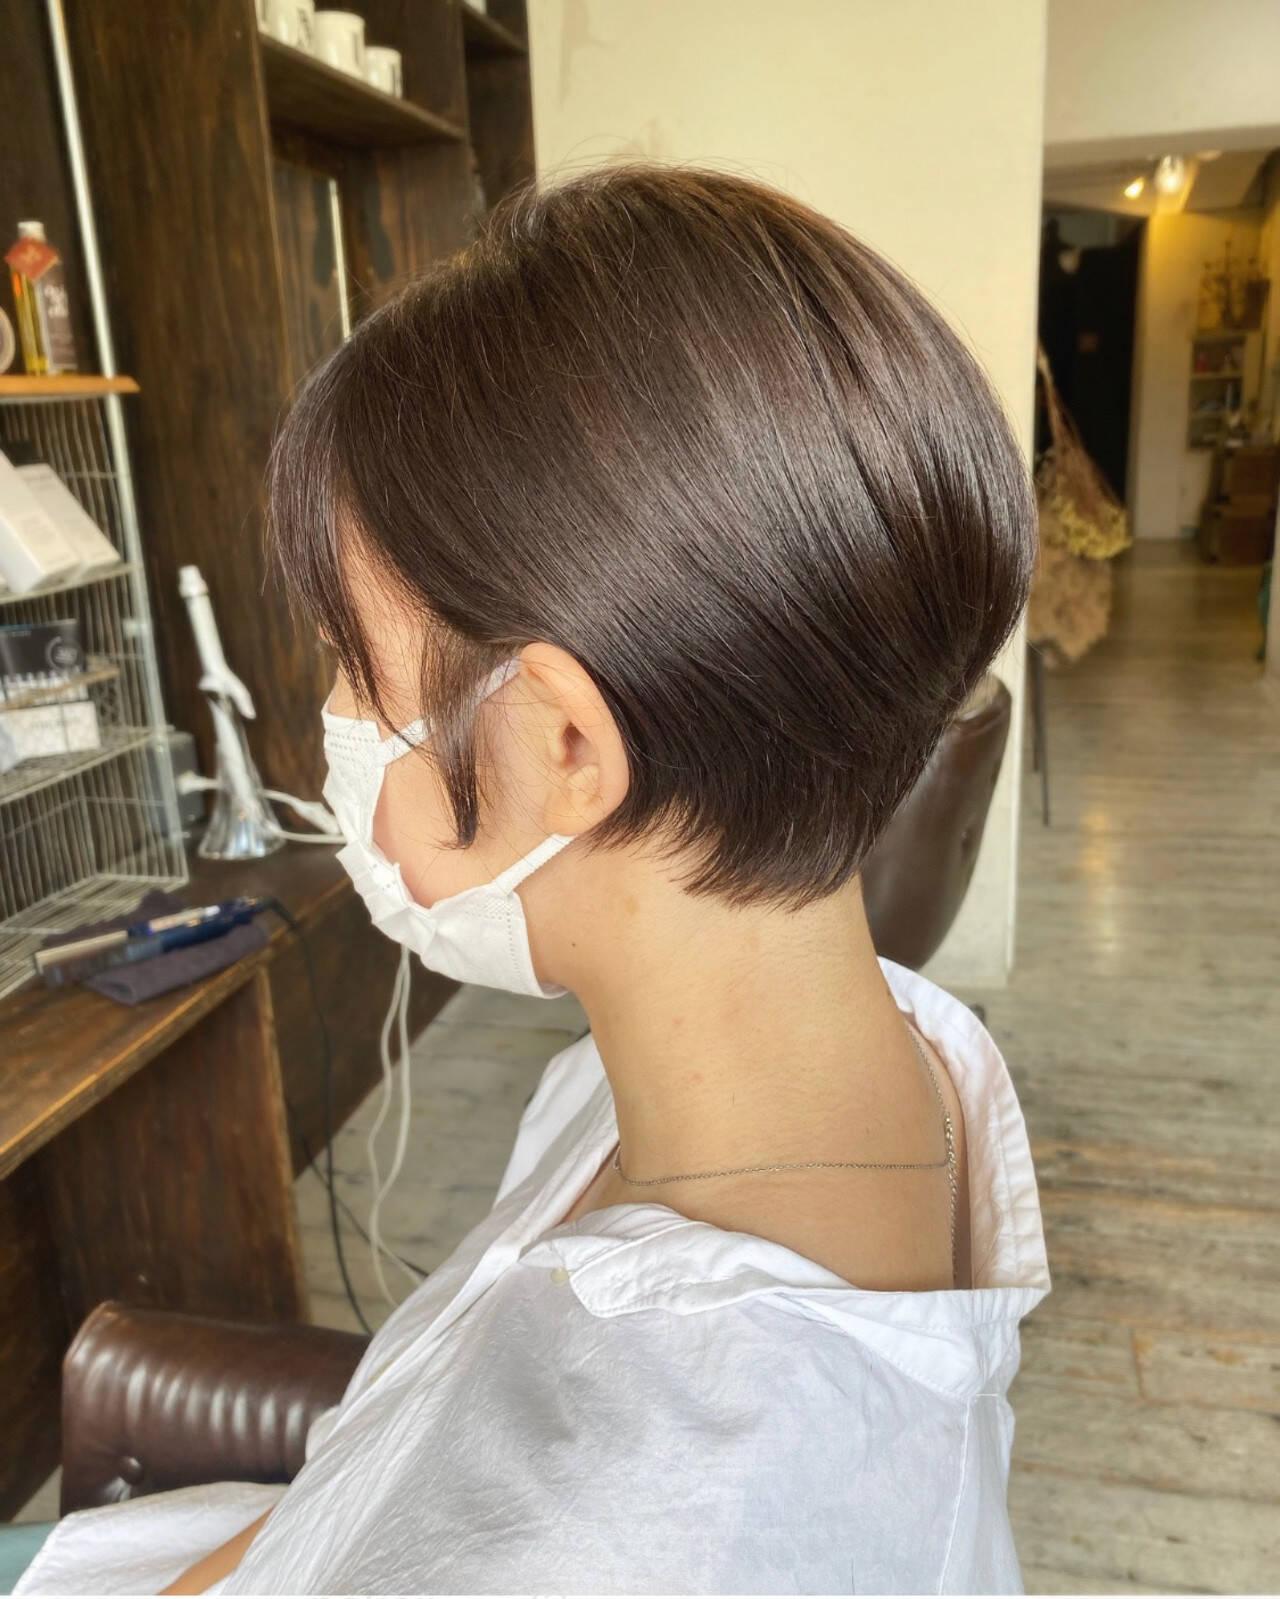 ショートヘア 秋冬ショート ミルクティー ミルクティーグレージュヘアスタイルや髪型の写真・画像